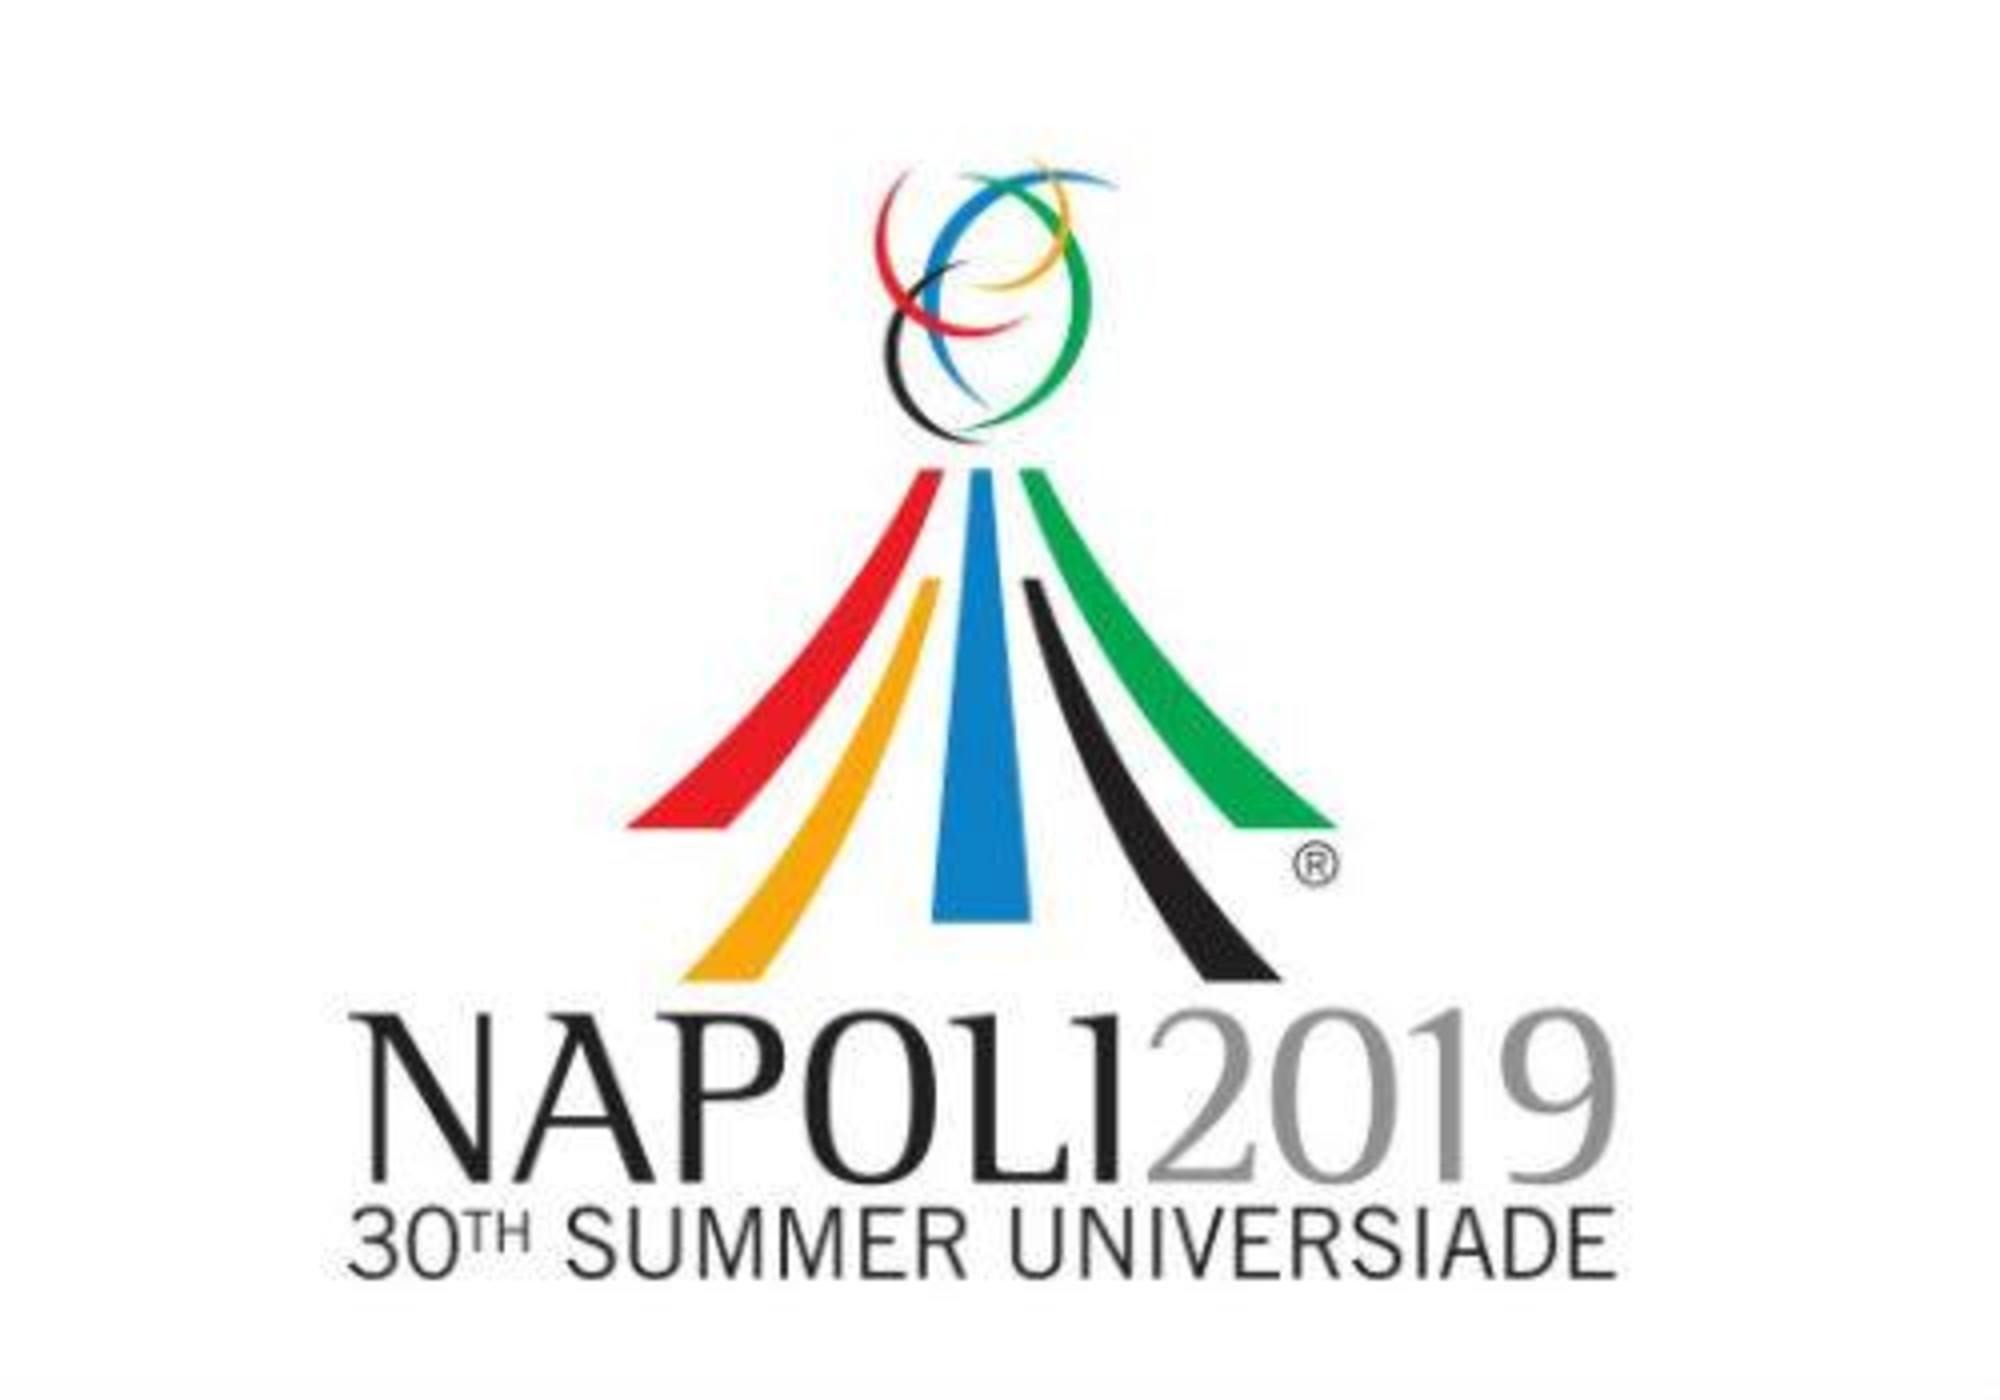 Волинські спортсмени представлятимуть Україну на всесвітній Універсіаді-2019